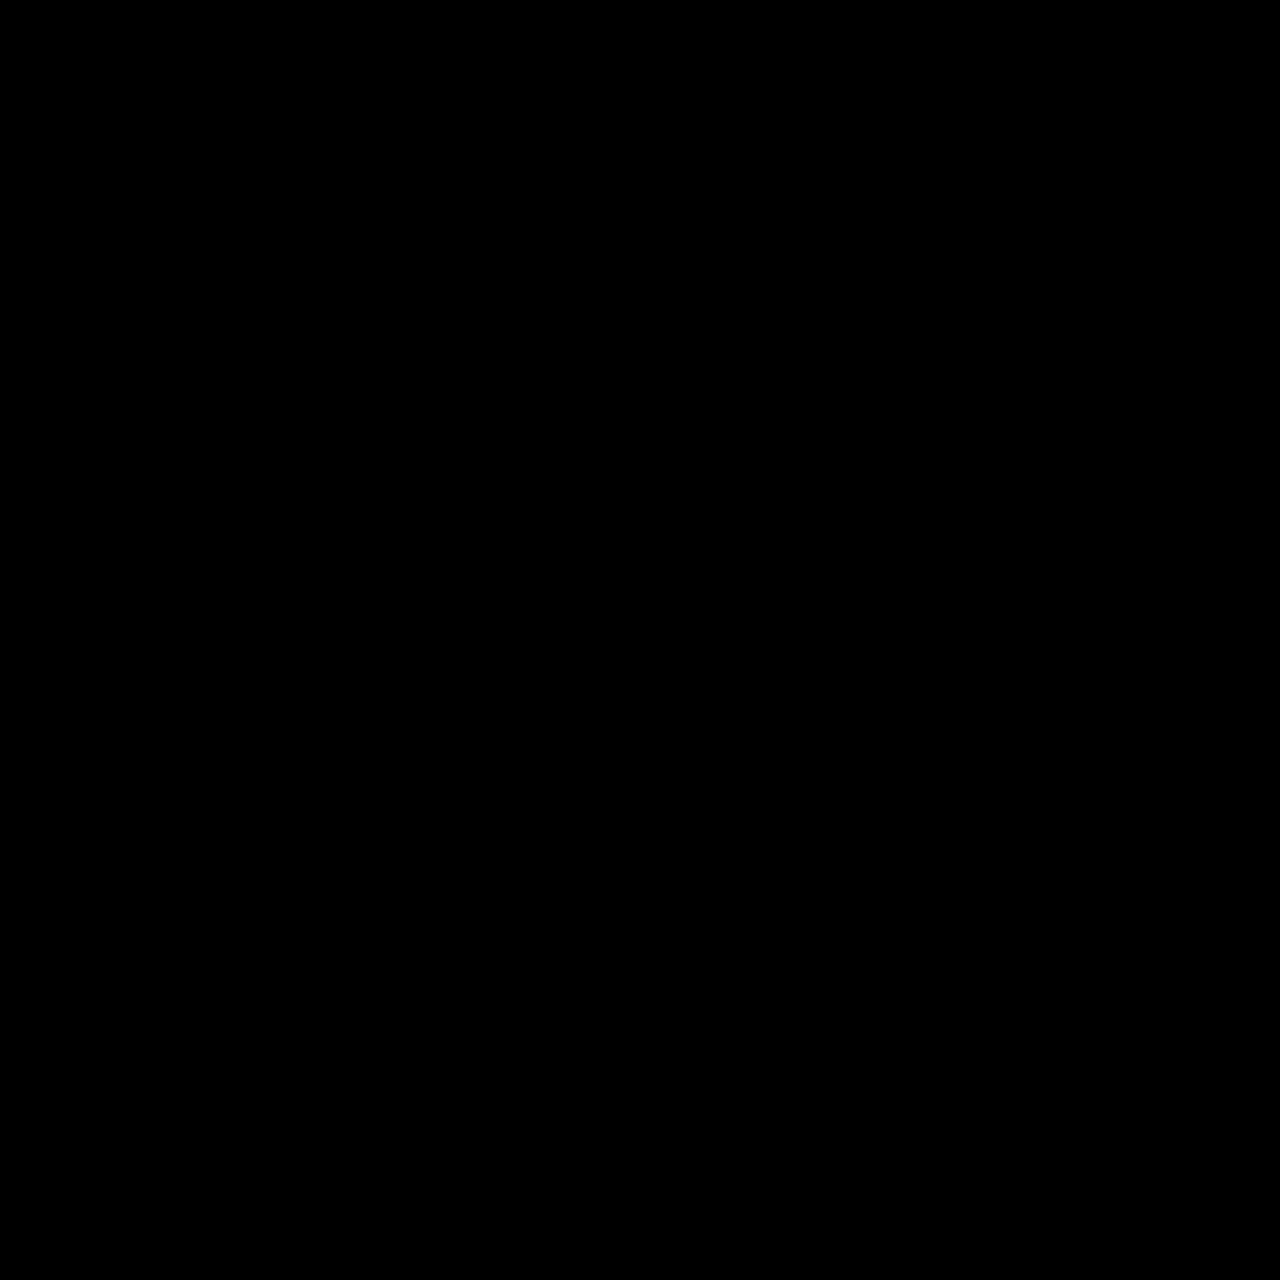 Ausmalbild (2)